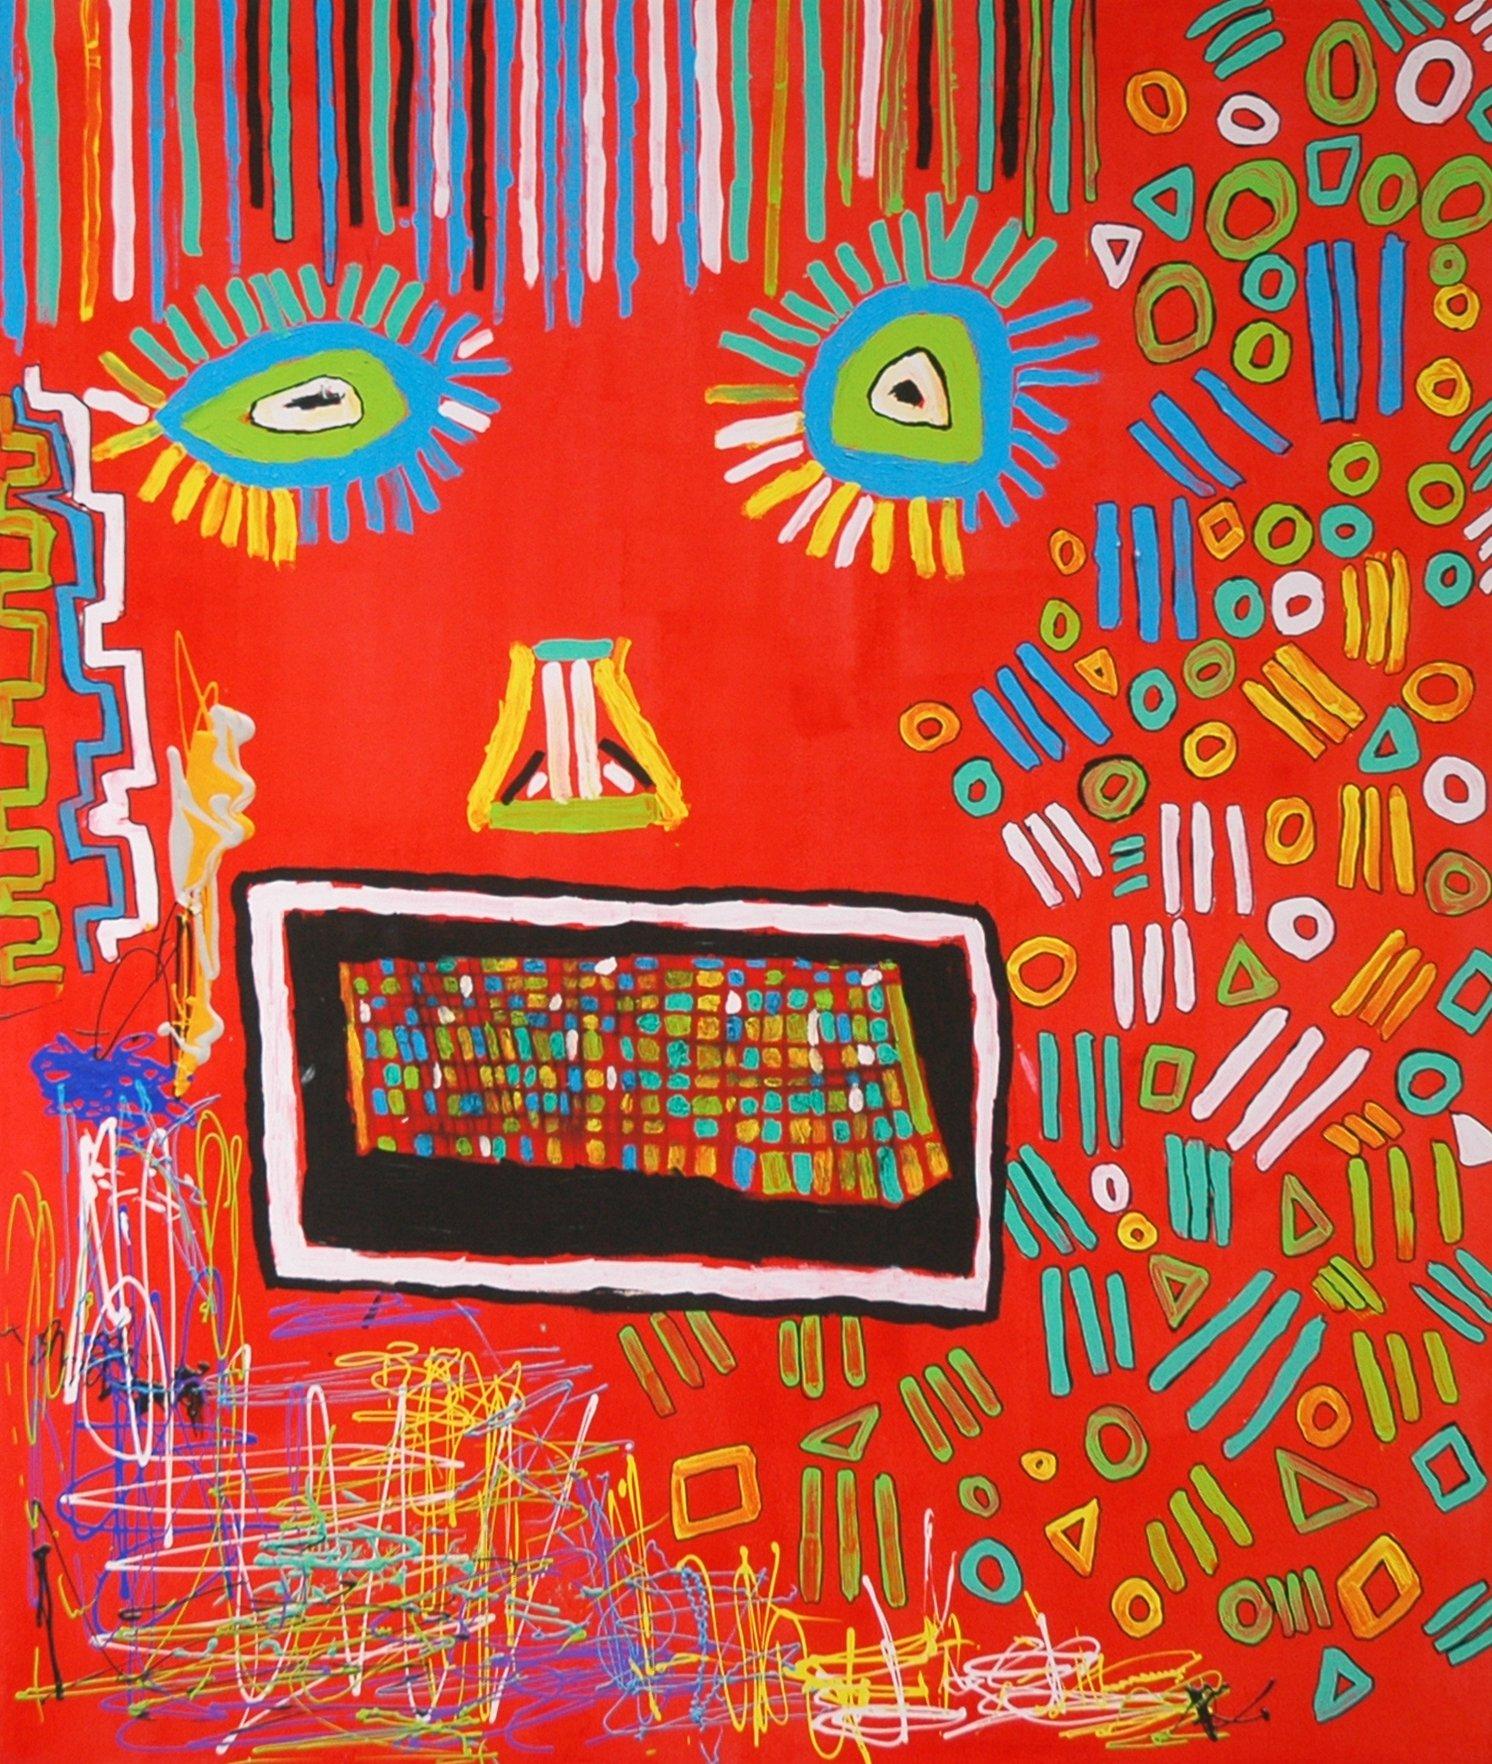 40 Auflagen, 80x120 cm, Gicléedruck auf Leinwand handübermalt und signiert mit Acrylfarbe. Festpreis 1.250,00 Euro.